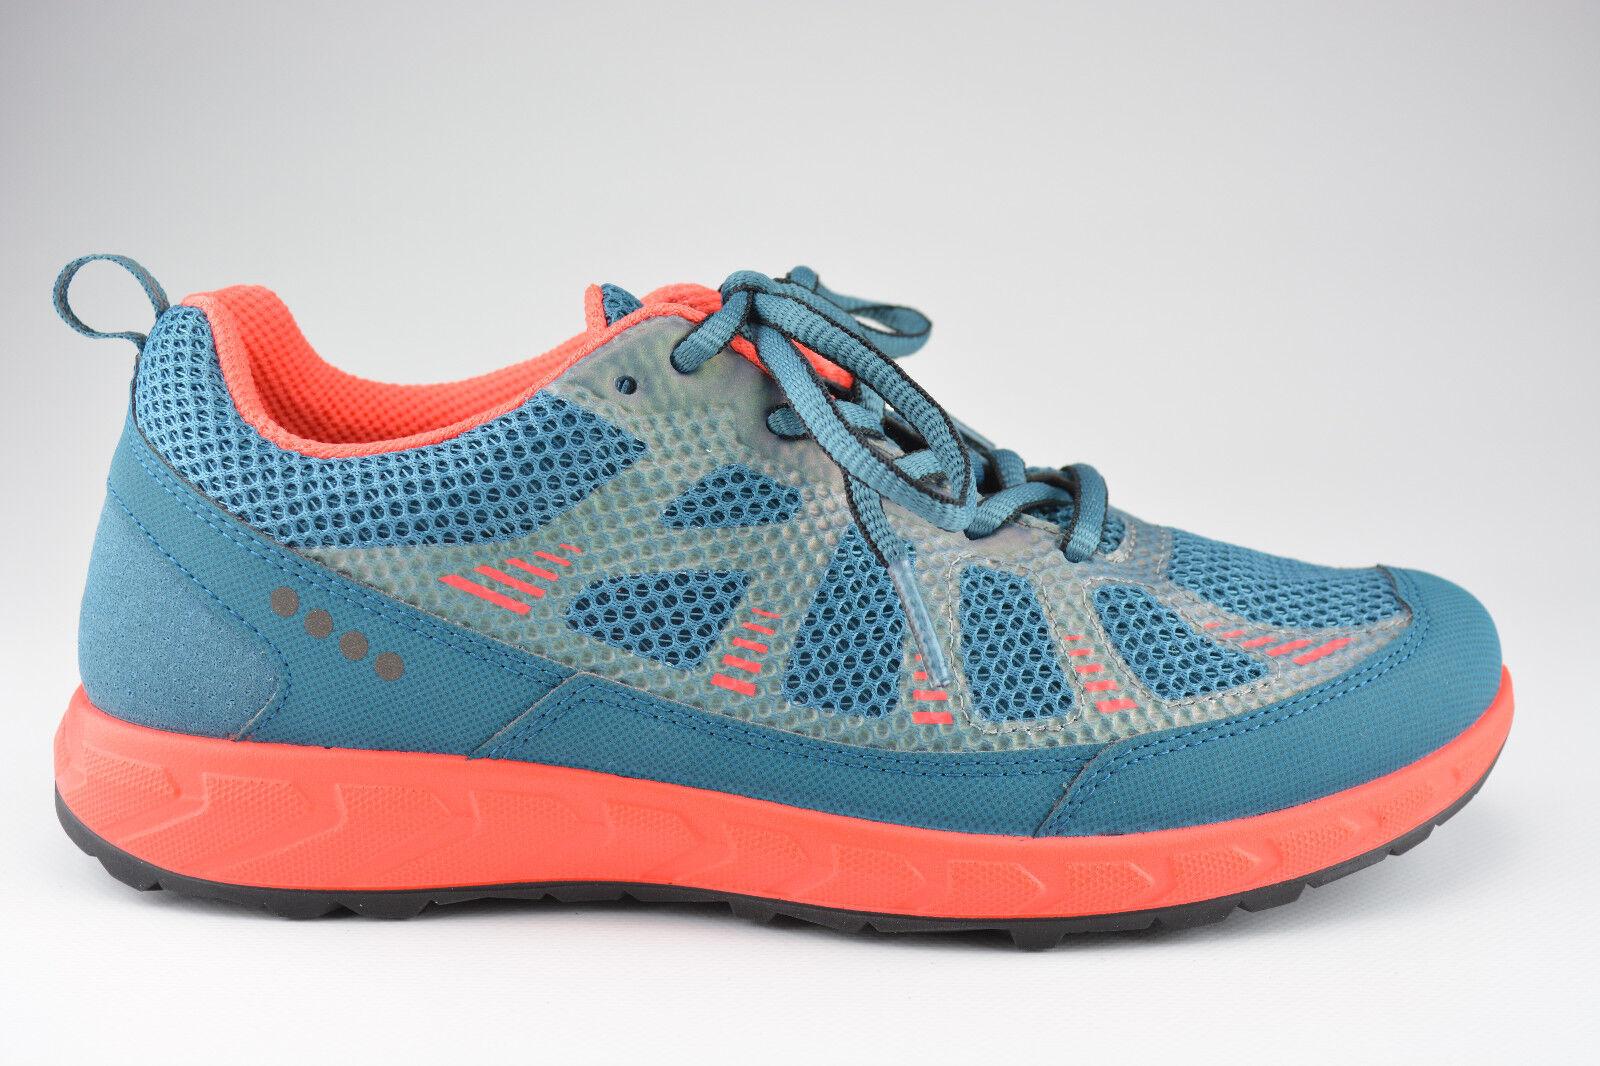 Ecco Zapatos Zapatos Zapatos señora con cordones terratrail petrol  marcas en línea venta barata